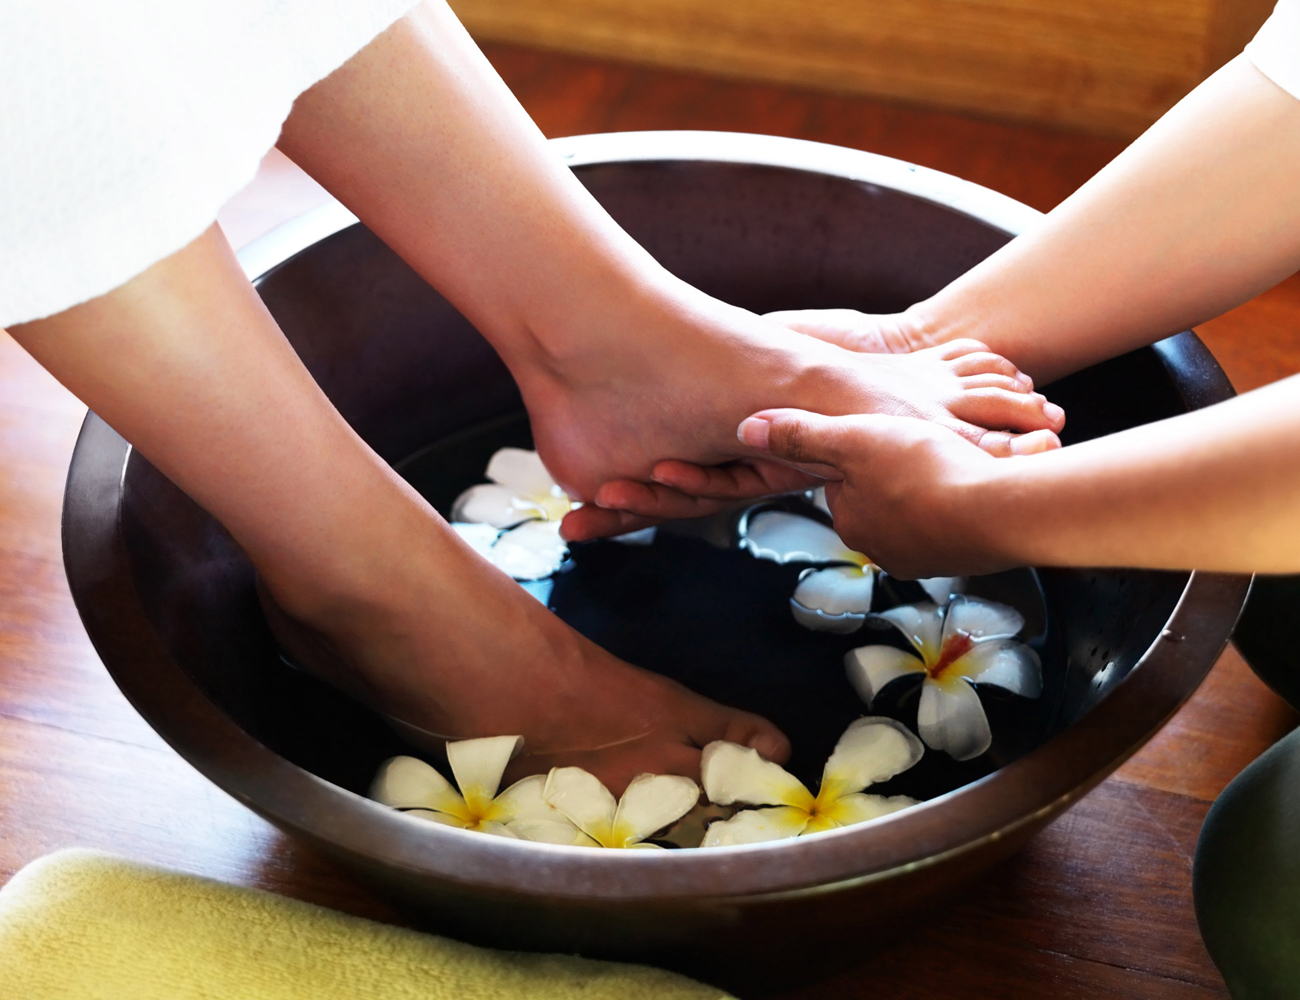 hướng dẫn các phương pháp để bạn trị đau chân ngưng điểm nơi nhà